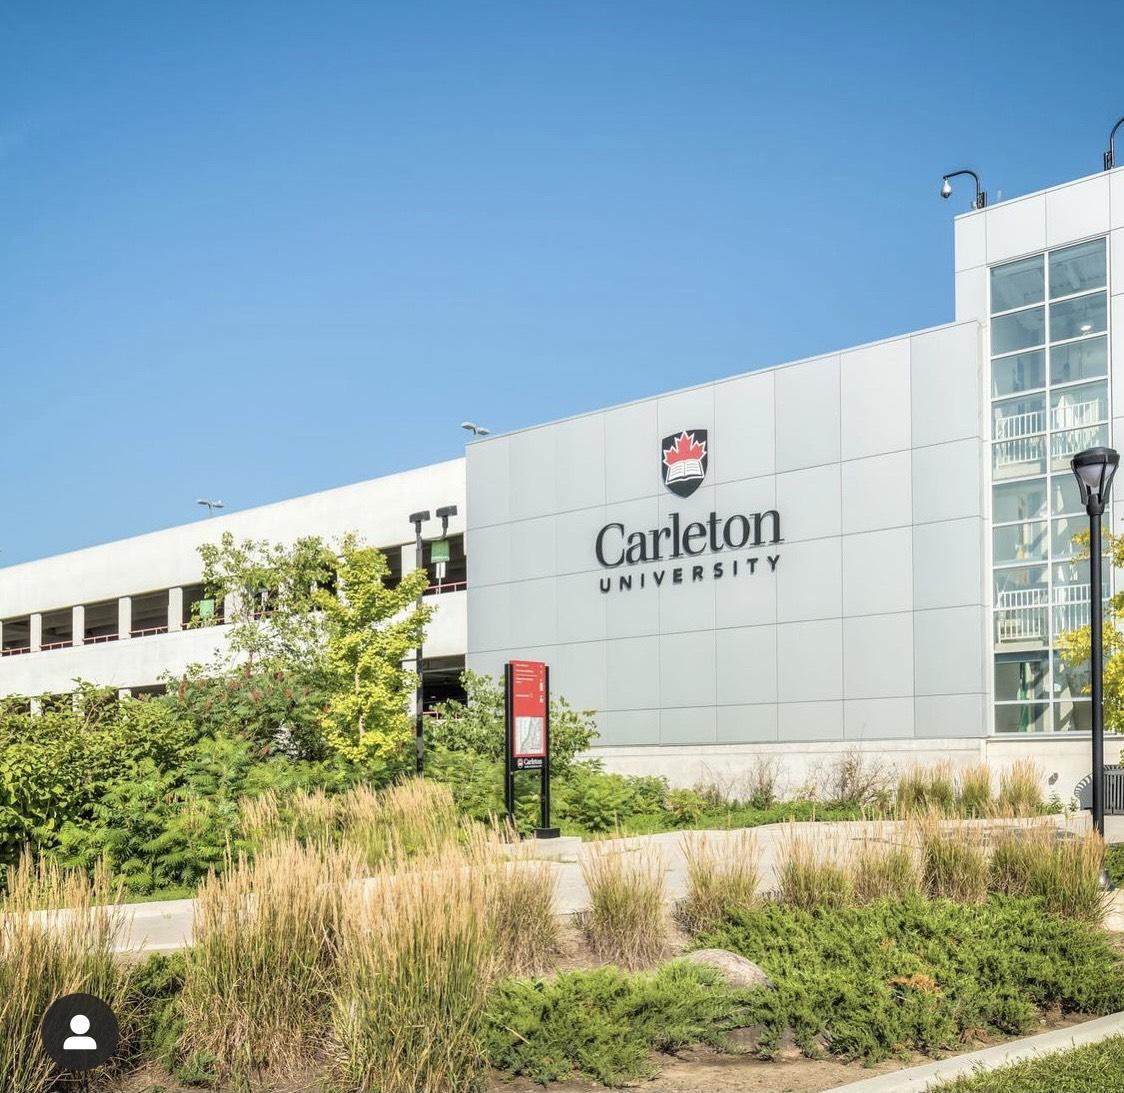 TRƯỜNG ĐẠI HỌC CARLETON- CHẤT LƯỢNG ĐÀO TẠO MANG TẦM QUỐC TẾ